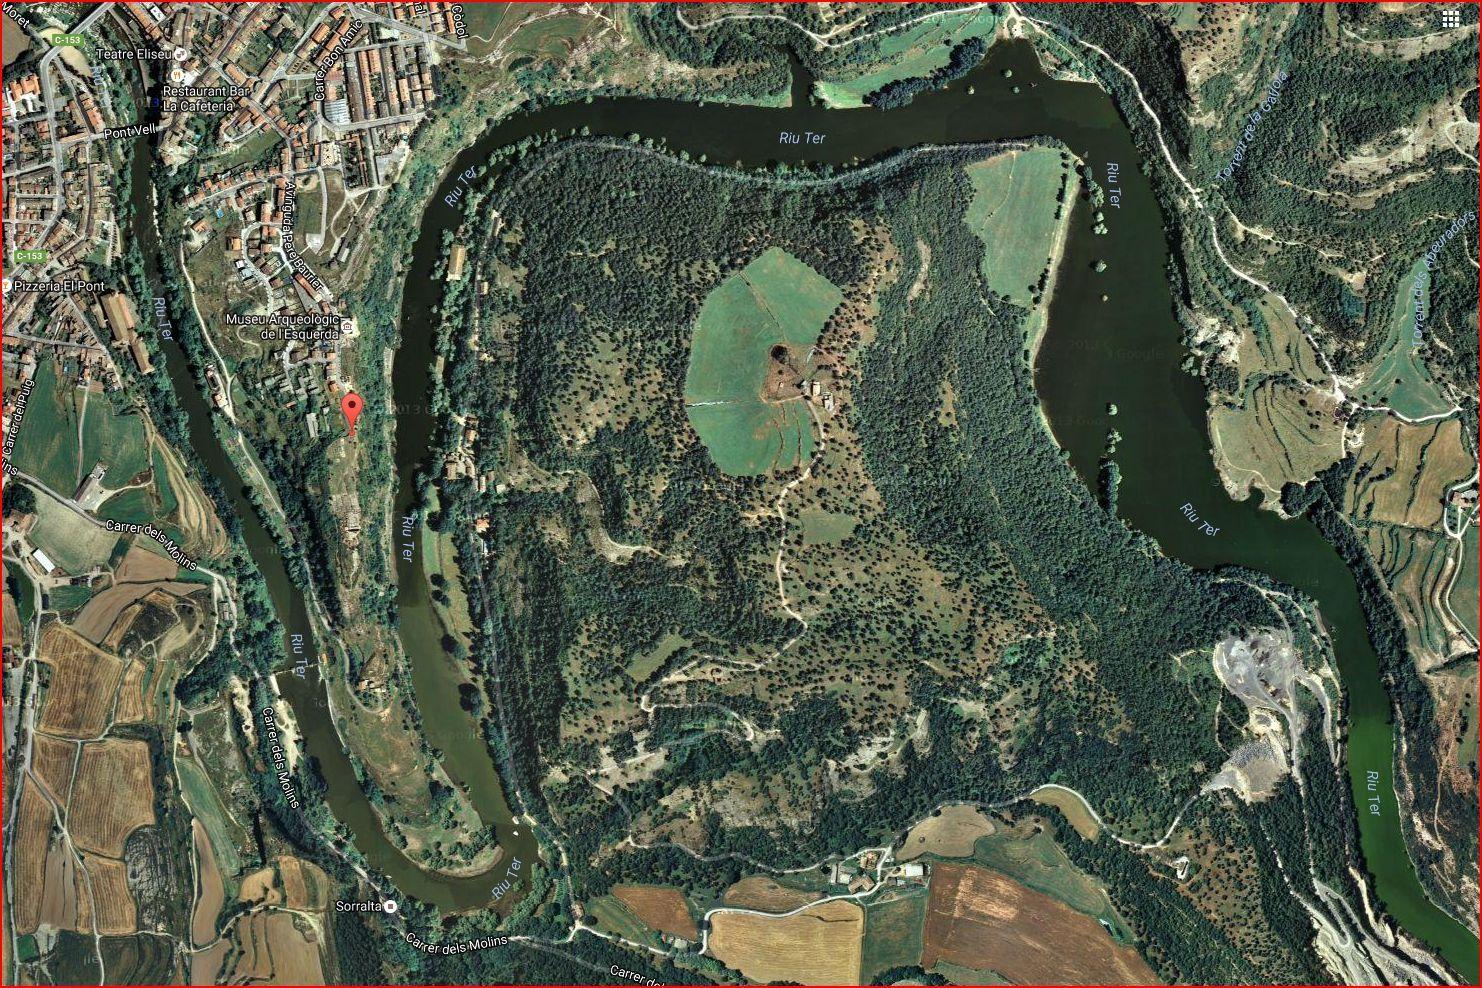 L'Esquerda - Planell de situació on s'aprecia el meandre del riu Ter que envolta parcialment aquest territori - Captura de pantalla de Google Maps